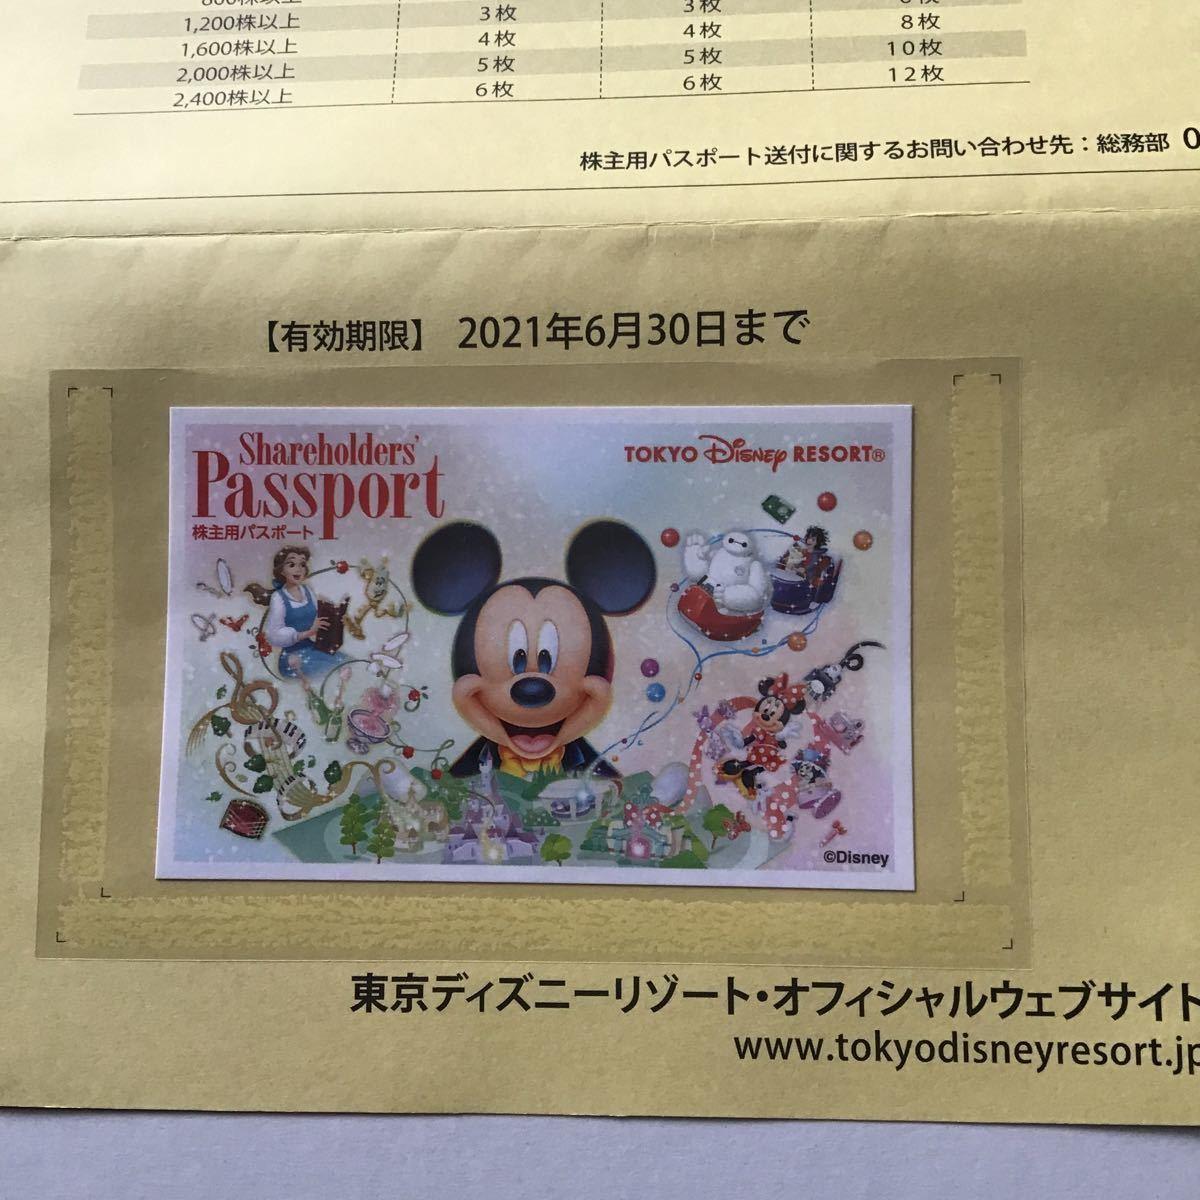 東京ディズニーリゾート 株主優待パスポート オリエンタルランド 株主優待券 チケット パスポート 2022年1月31日 延長有効期限_画像2